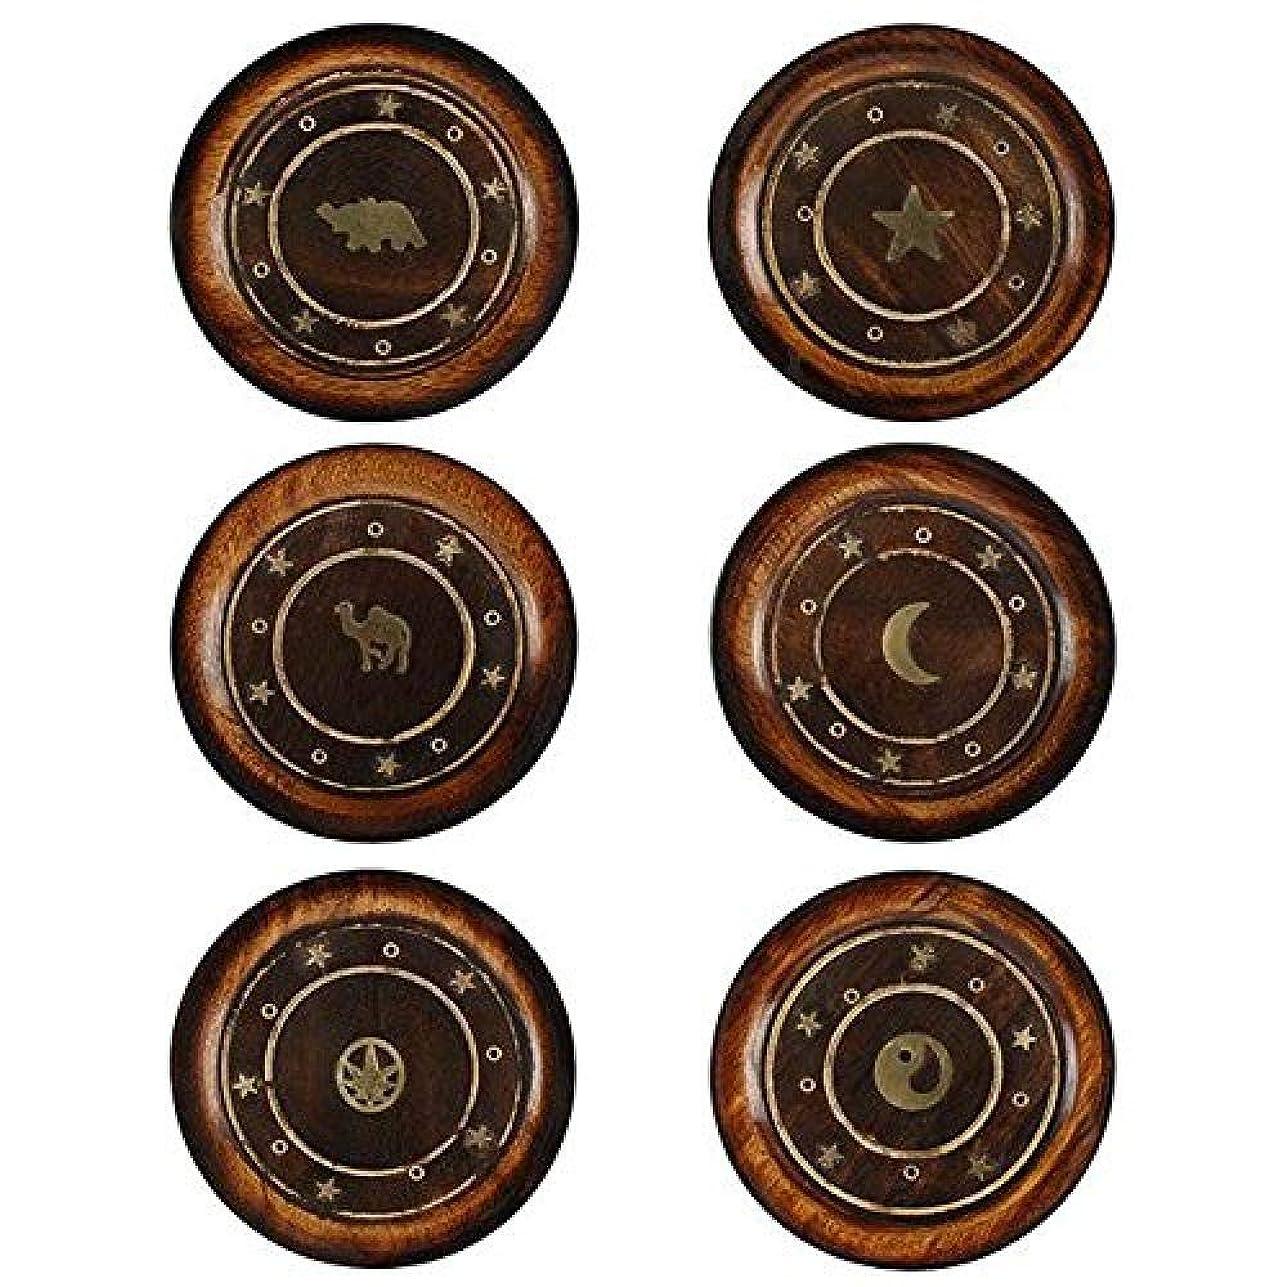 消化器パスポート小道Mangowood Round Plate Incense Holder with Brass Inlay